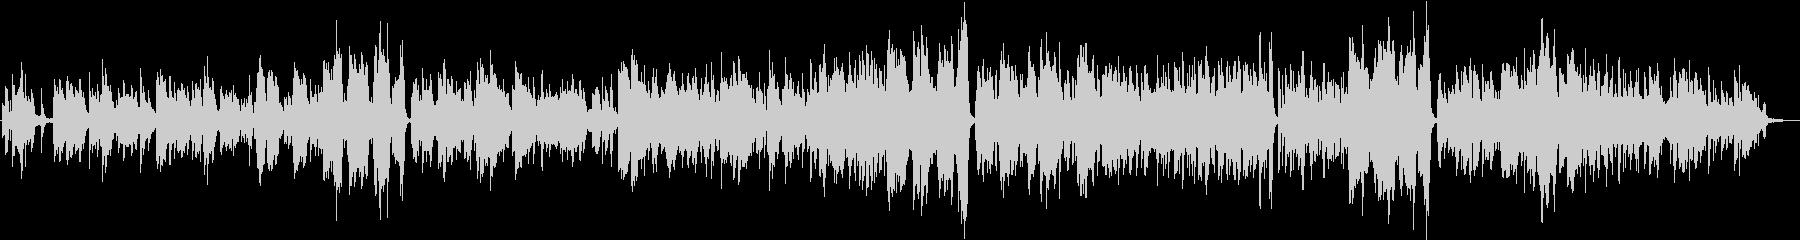 ピアノ伴奏による女性ボーカルのバラードの未再生の波形